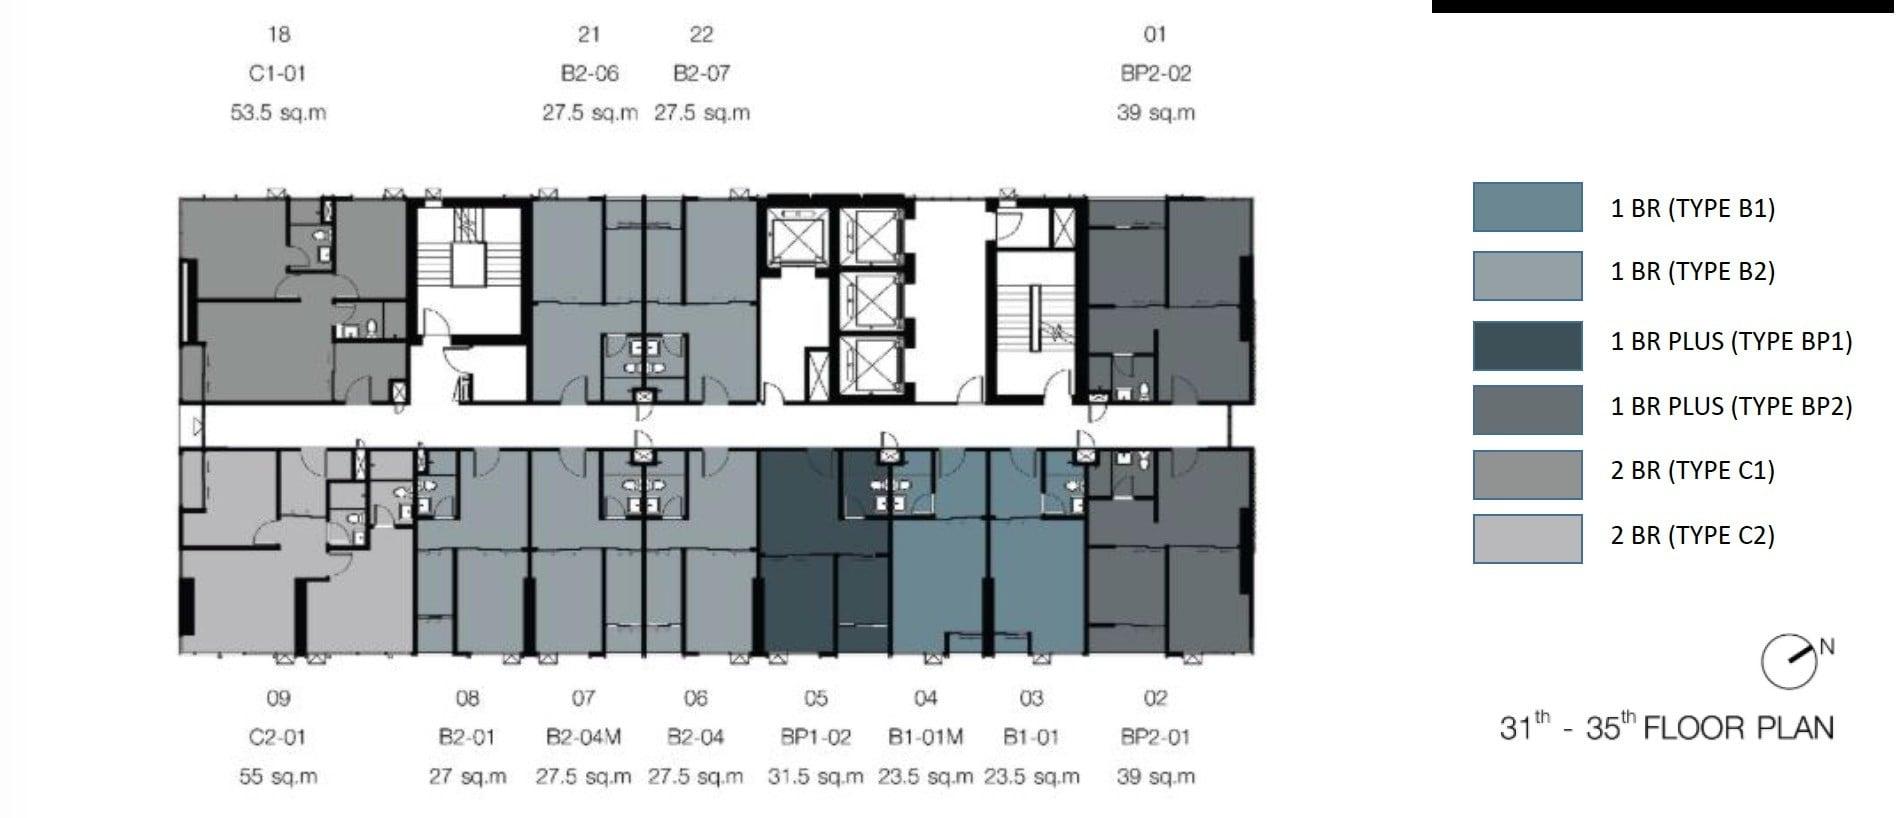 Knightsbridge-sukhumvit-thepharak-Floor Plate 31-35th